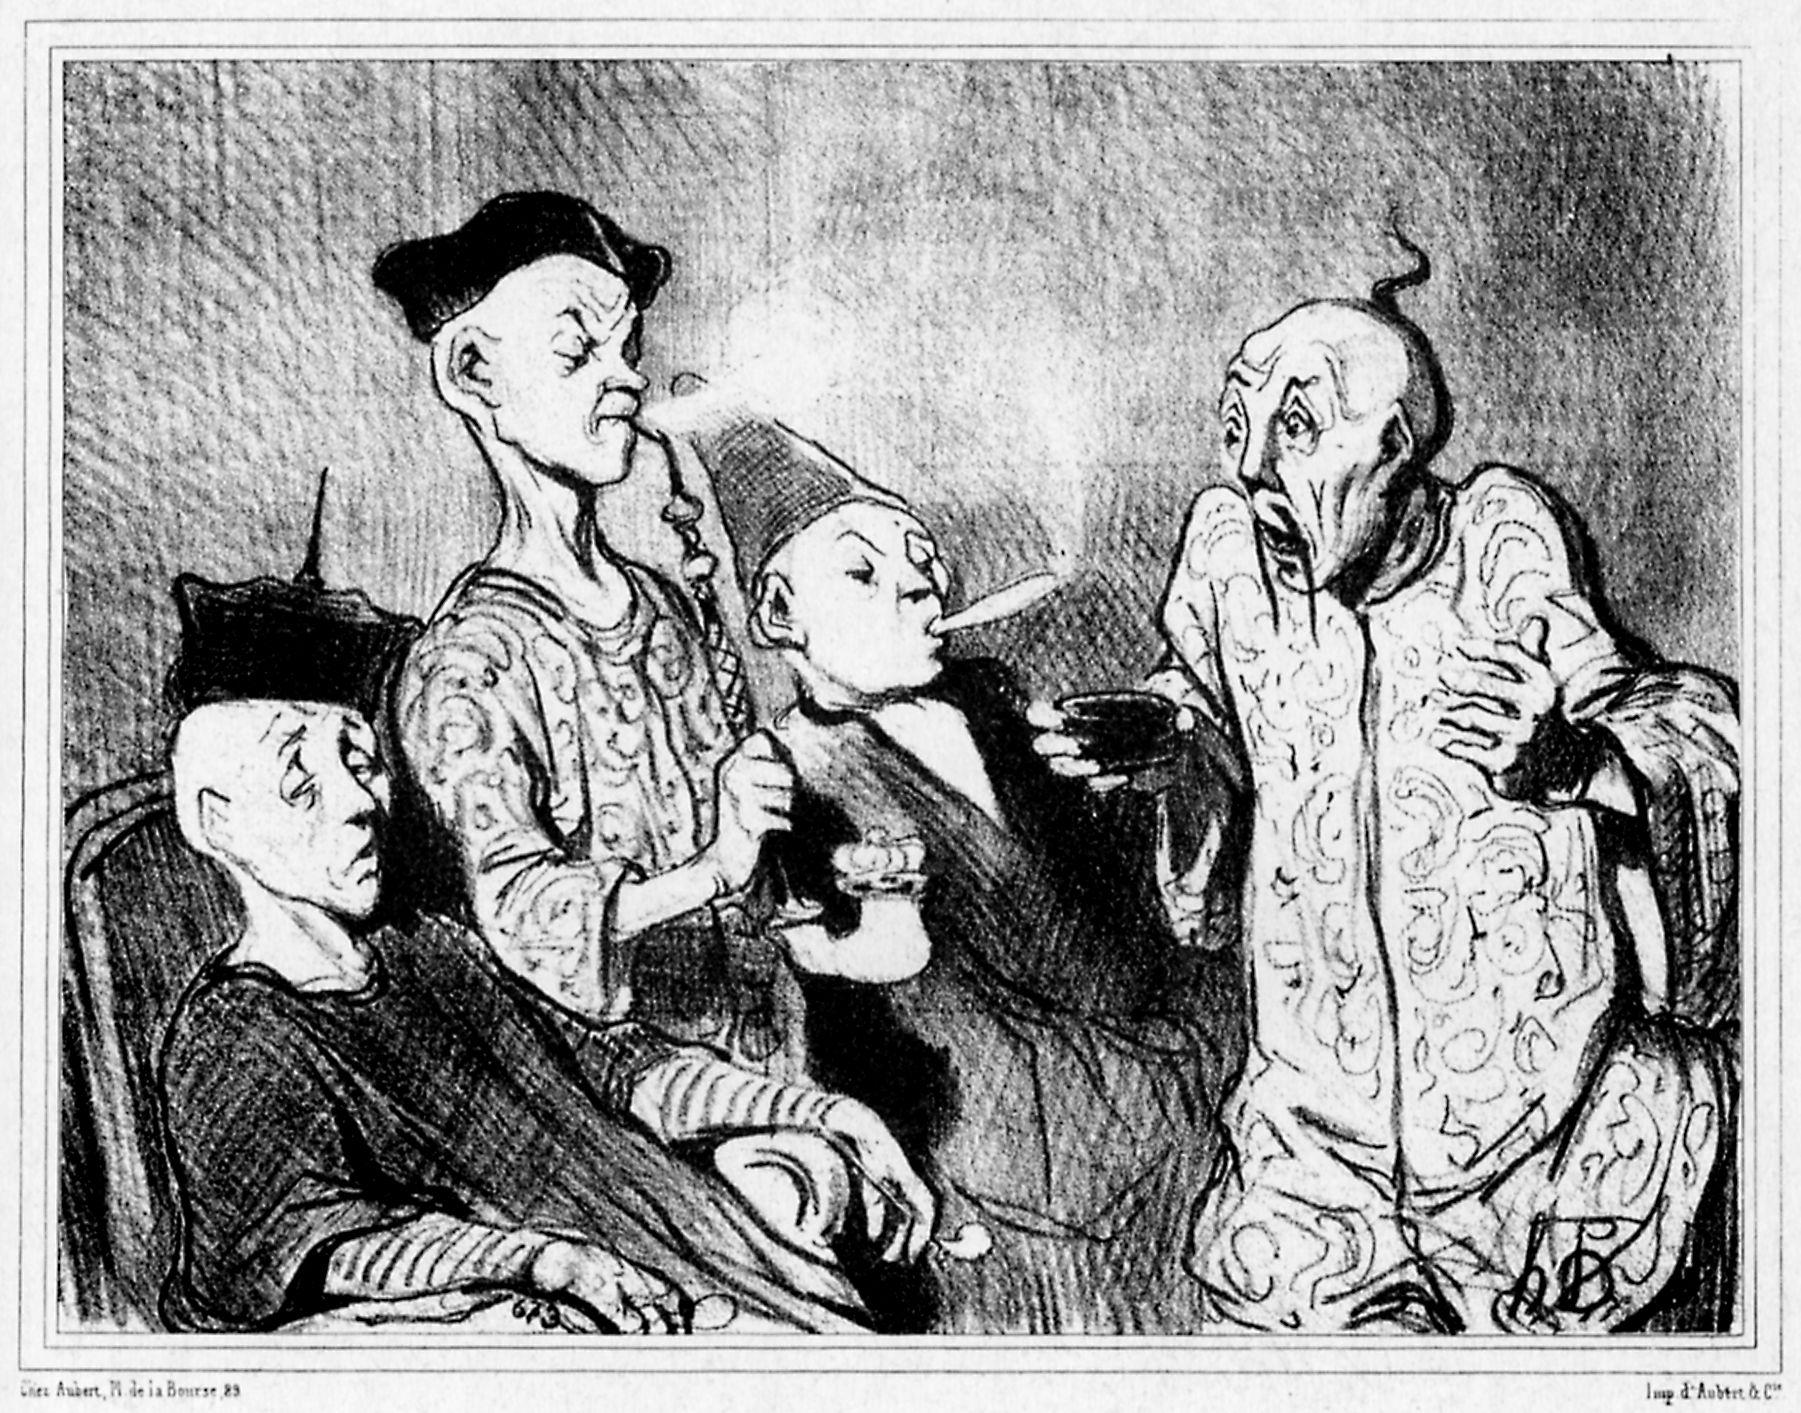 Daumier Honoré - Reise durch China Raucher und Schnupfer